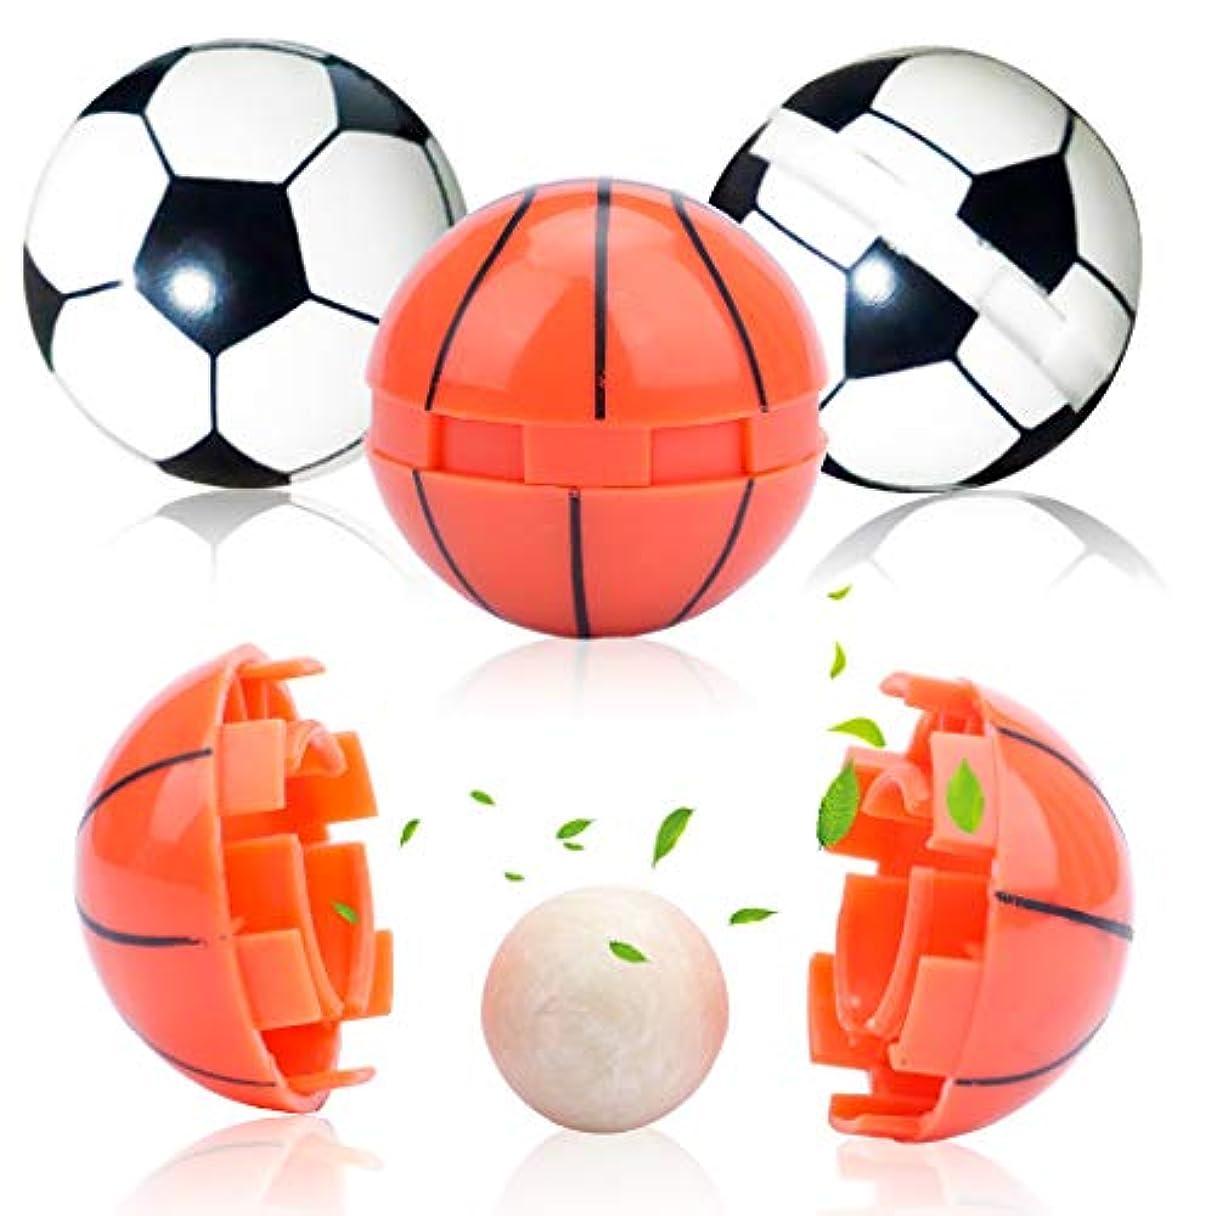 干し草昇るアライメントAmycute アロマ アロマボール 香り玉 4点セット (18mm)750g 丸型 サッカー&バスケットボールデザイン 香りが長続き